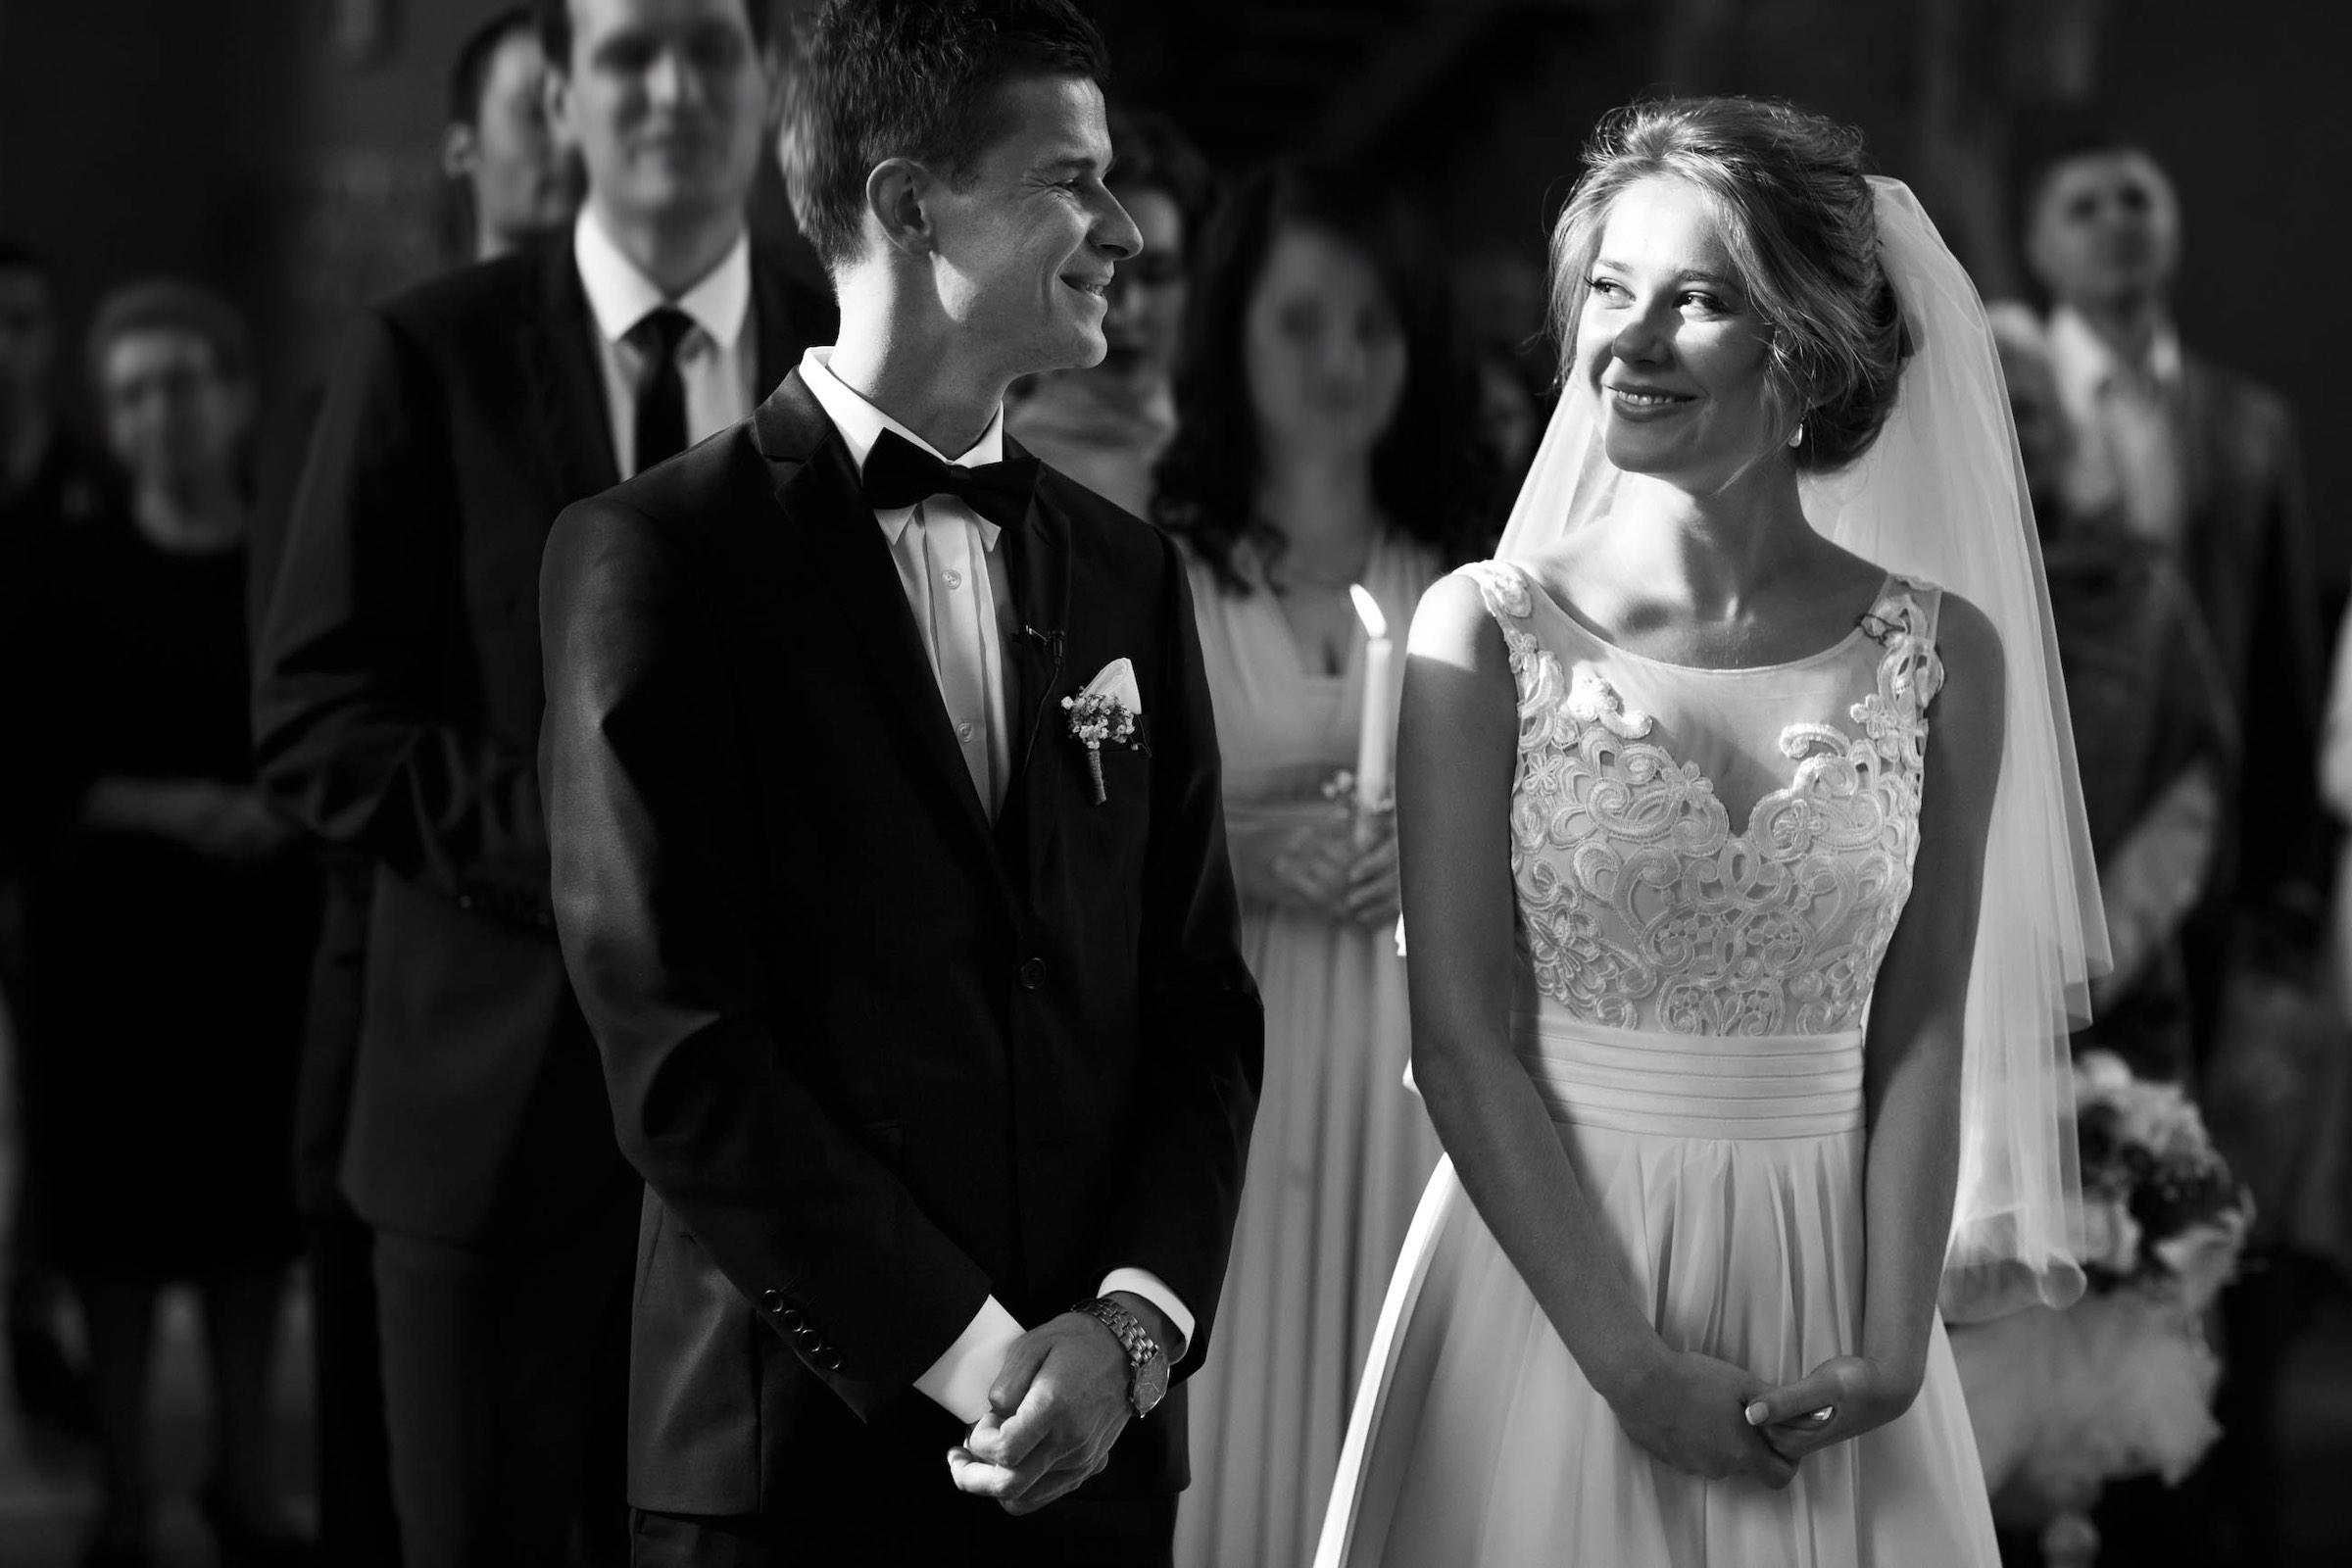 Hochzeitsfotograf | Hannover | Celle | Peine | Hildesheim | Fotograf | Braunschweig | Hochzeit | Hochzeitsfotografie | Hochzeitsreportage | Fotografie | Mieten | Buchen | Lehmann | Eventservice